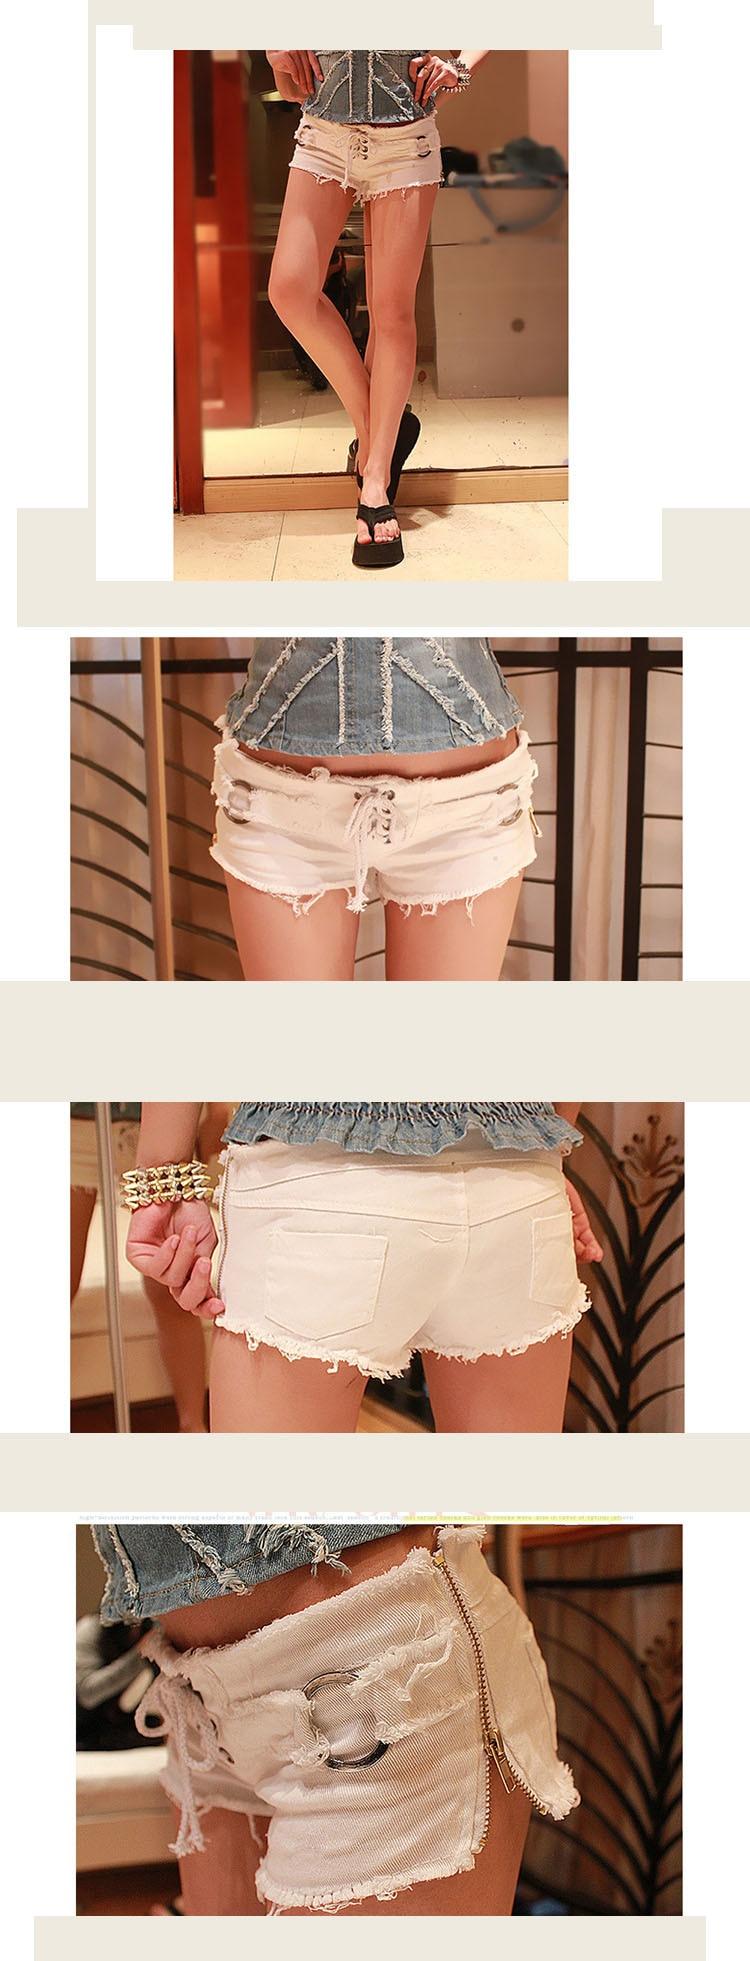 Adofeeno Летний стиль Джинсовые шорты для Для женщин тонкий Для женщин короткие Feminino черный, белый цвет